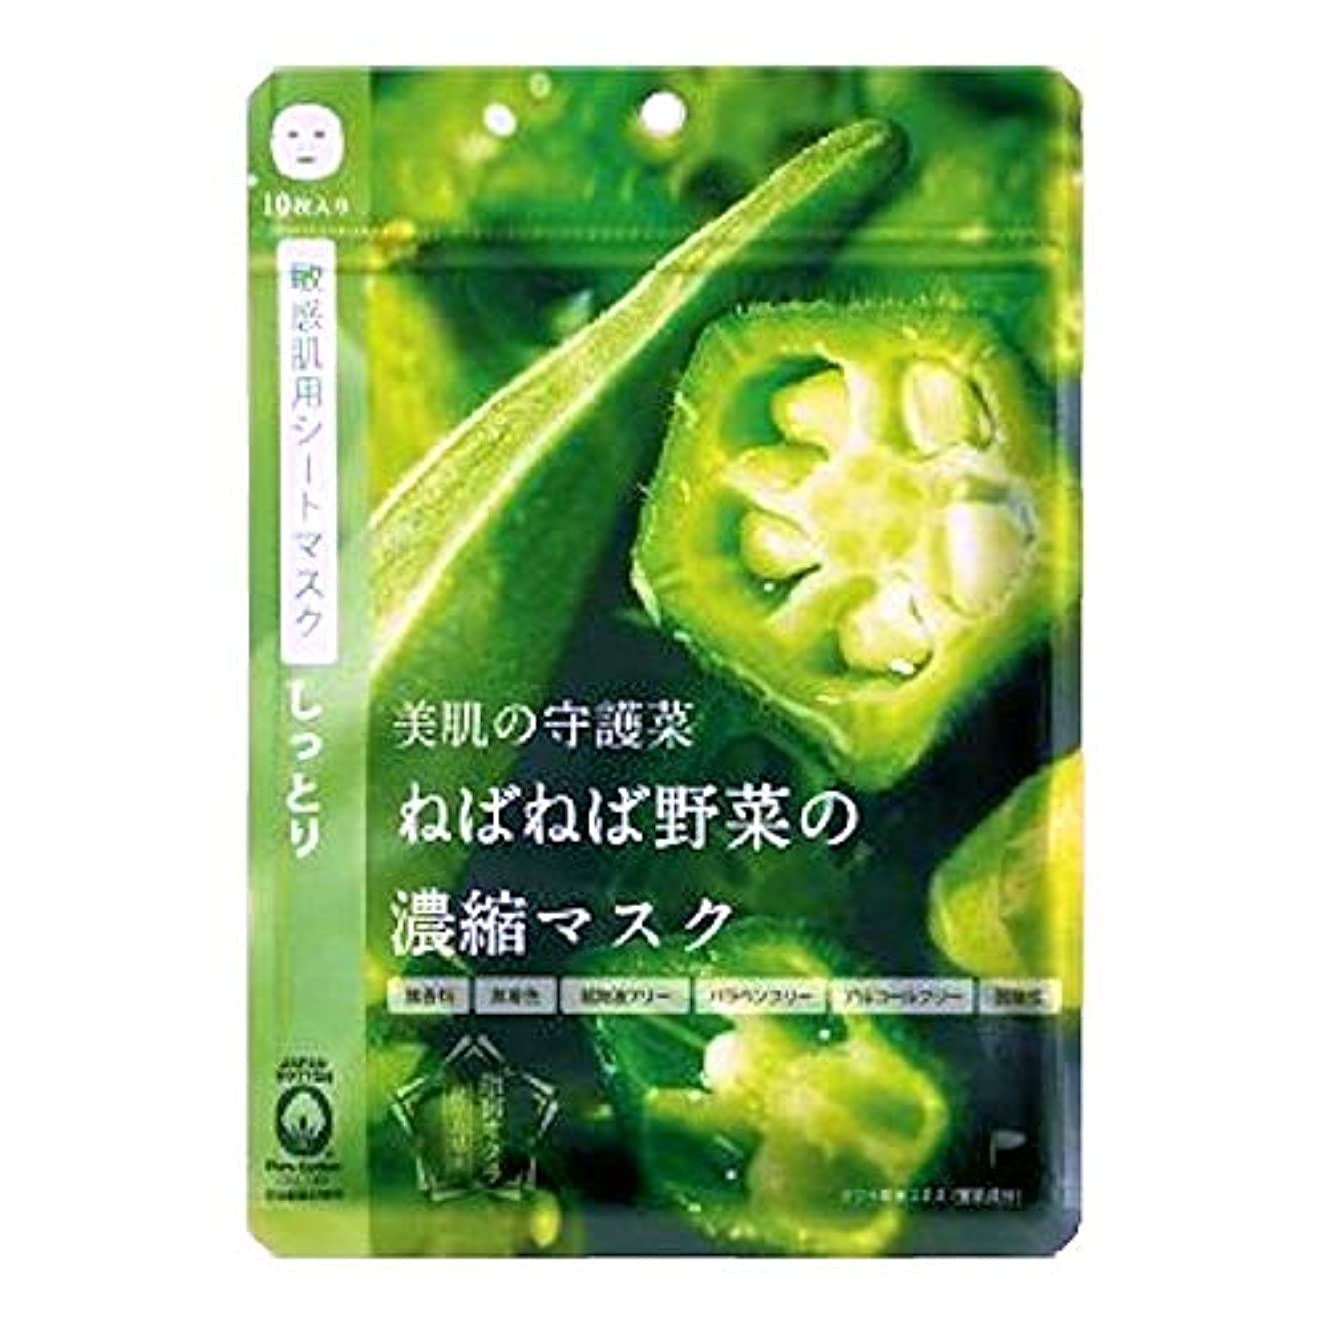 寸法出力デクリメント@cosme nippon 美肌の守護菜 ねばねば野菜の濃縮マスク 指宿オクラ 10枚入り 160ml